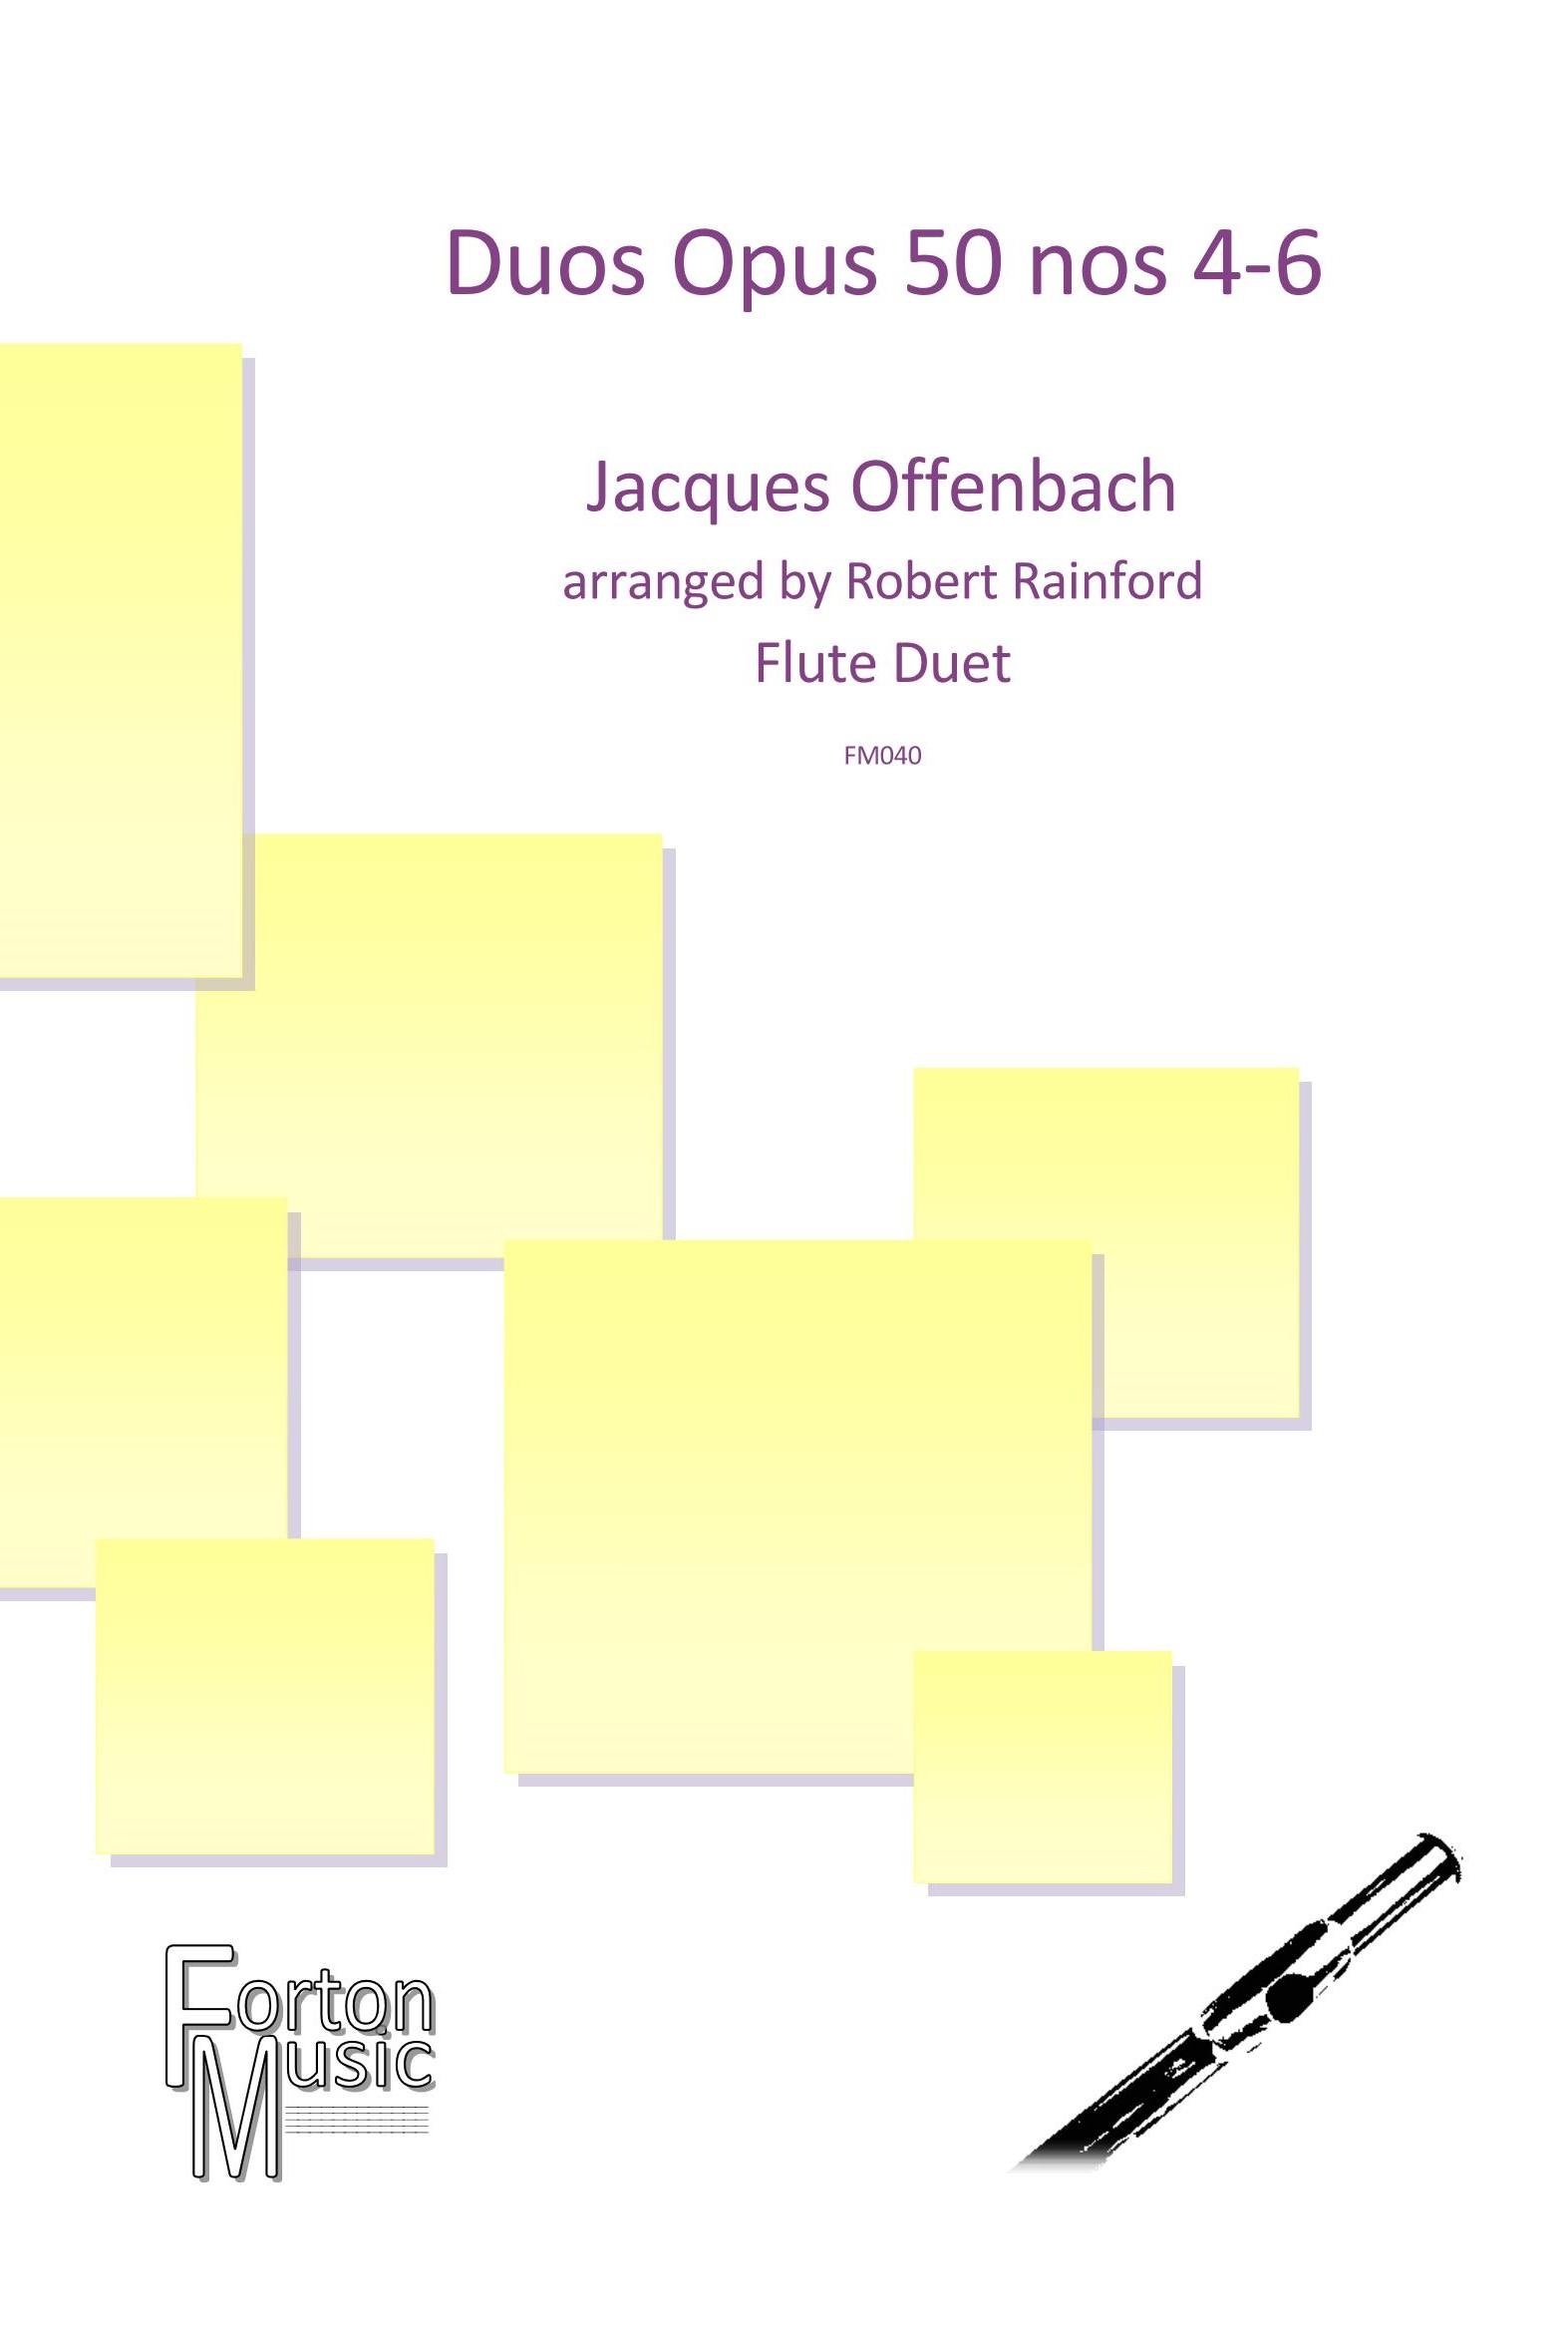 Duos Opus 50 nos. 4-6